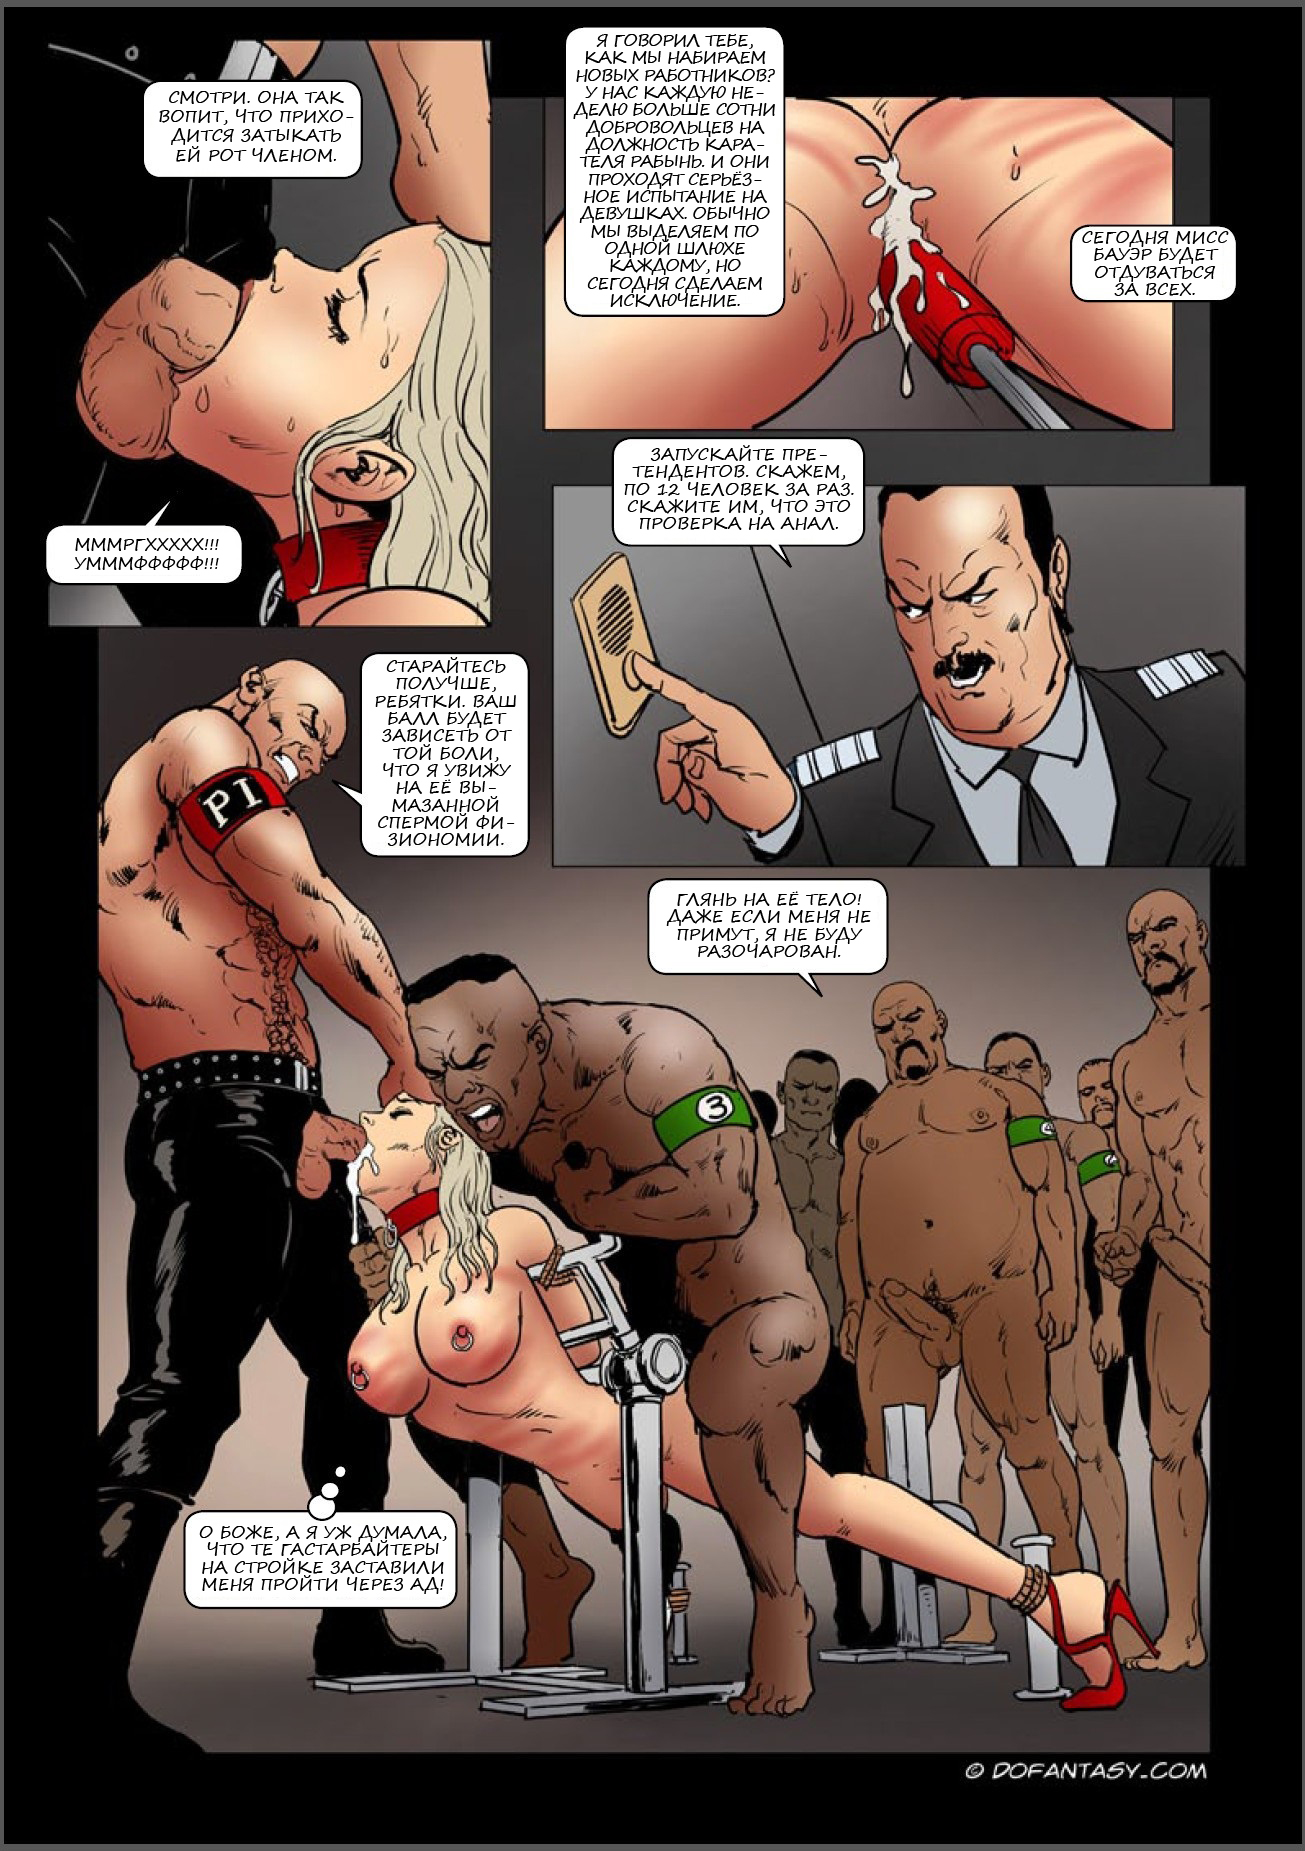 Порно комиксы черно белые на стройке фото